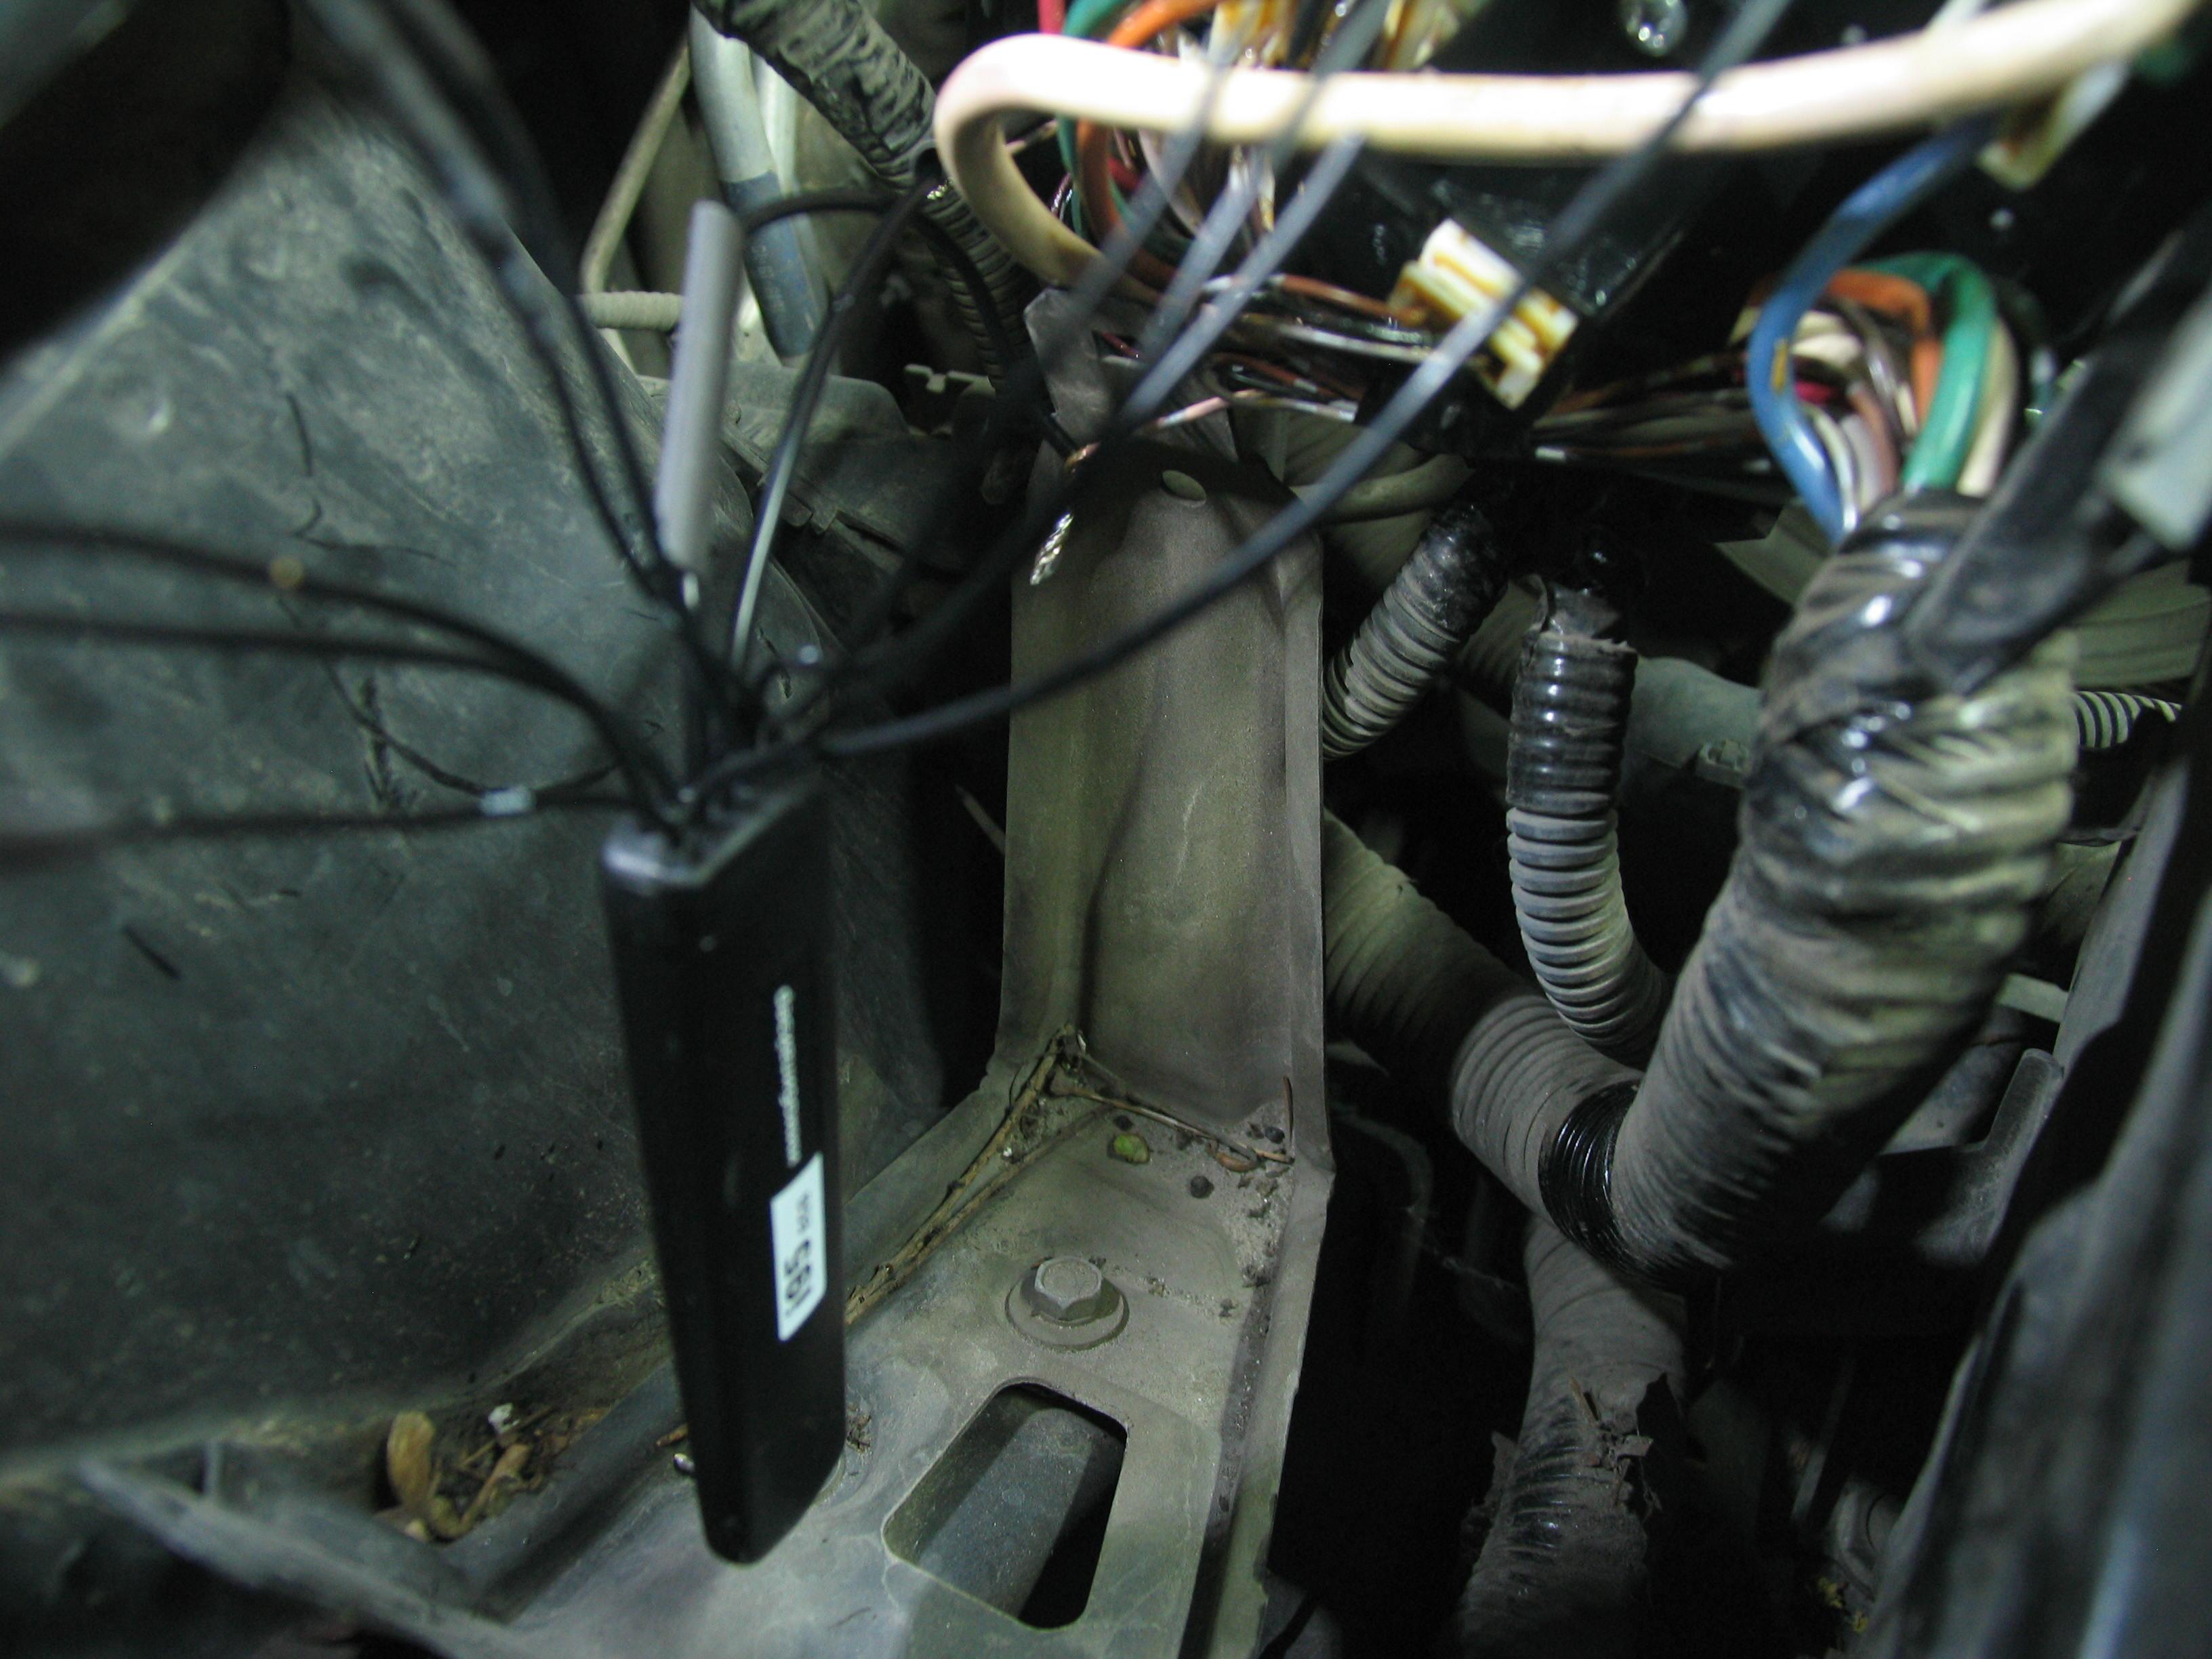 Процесс установки беспроводного реле сигнализации под капотом авто